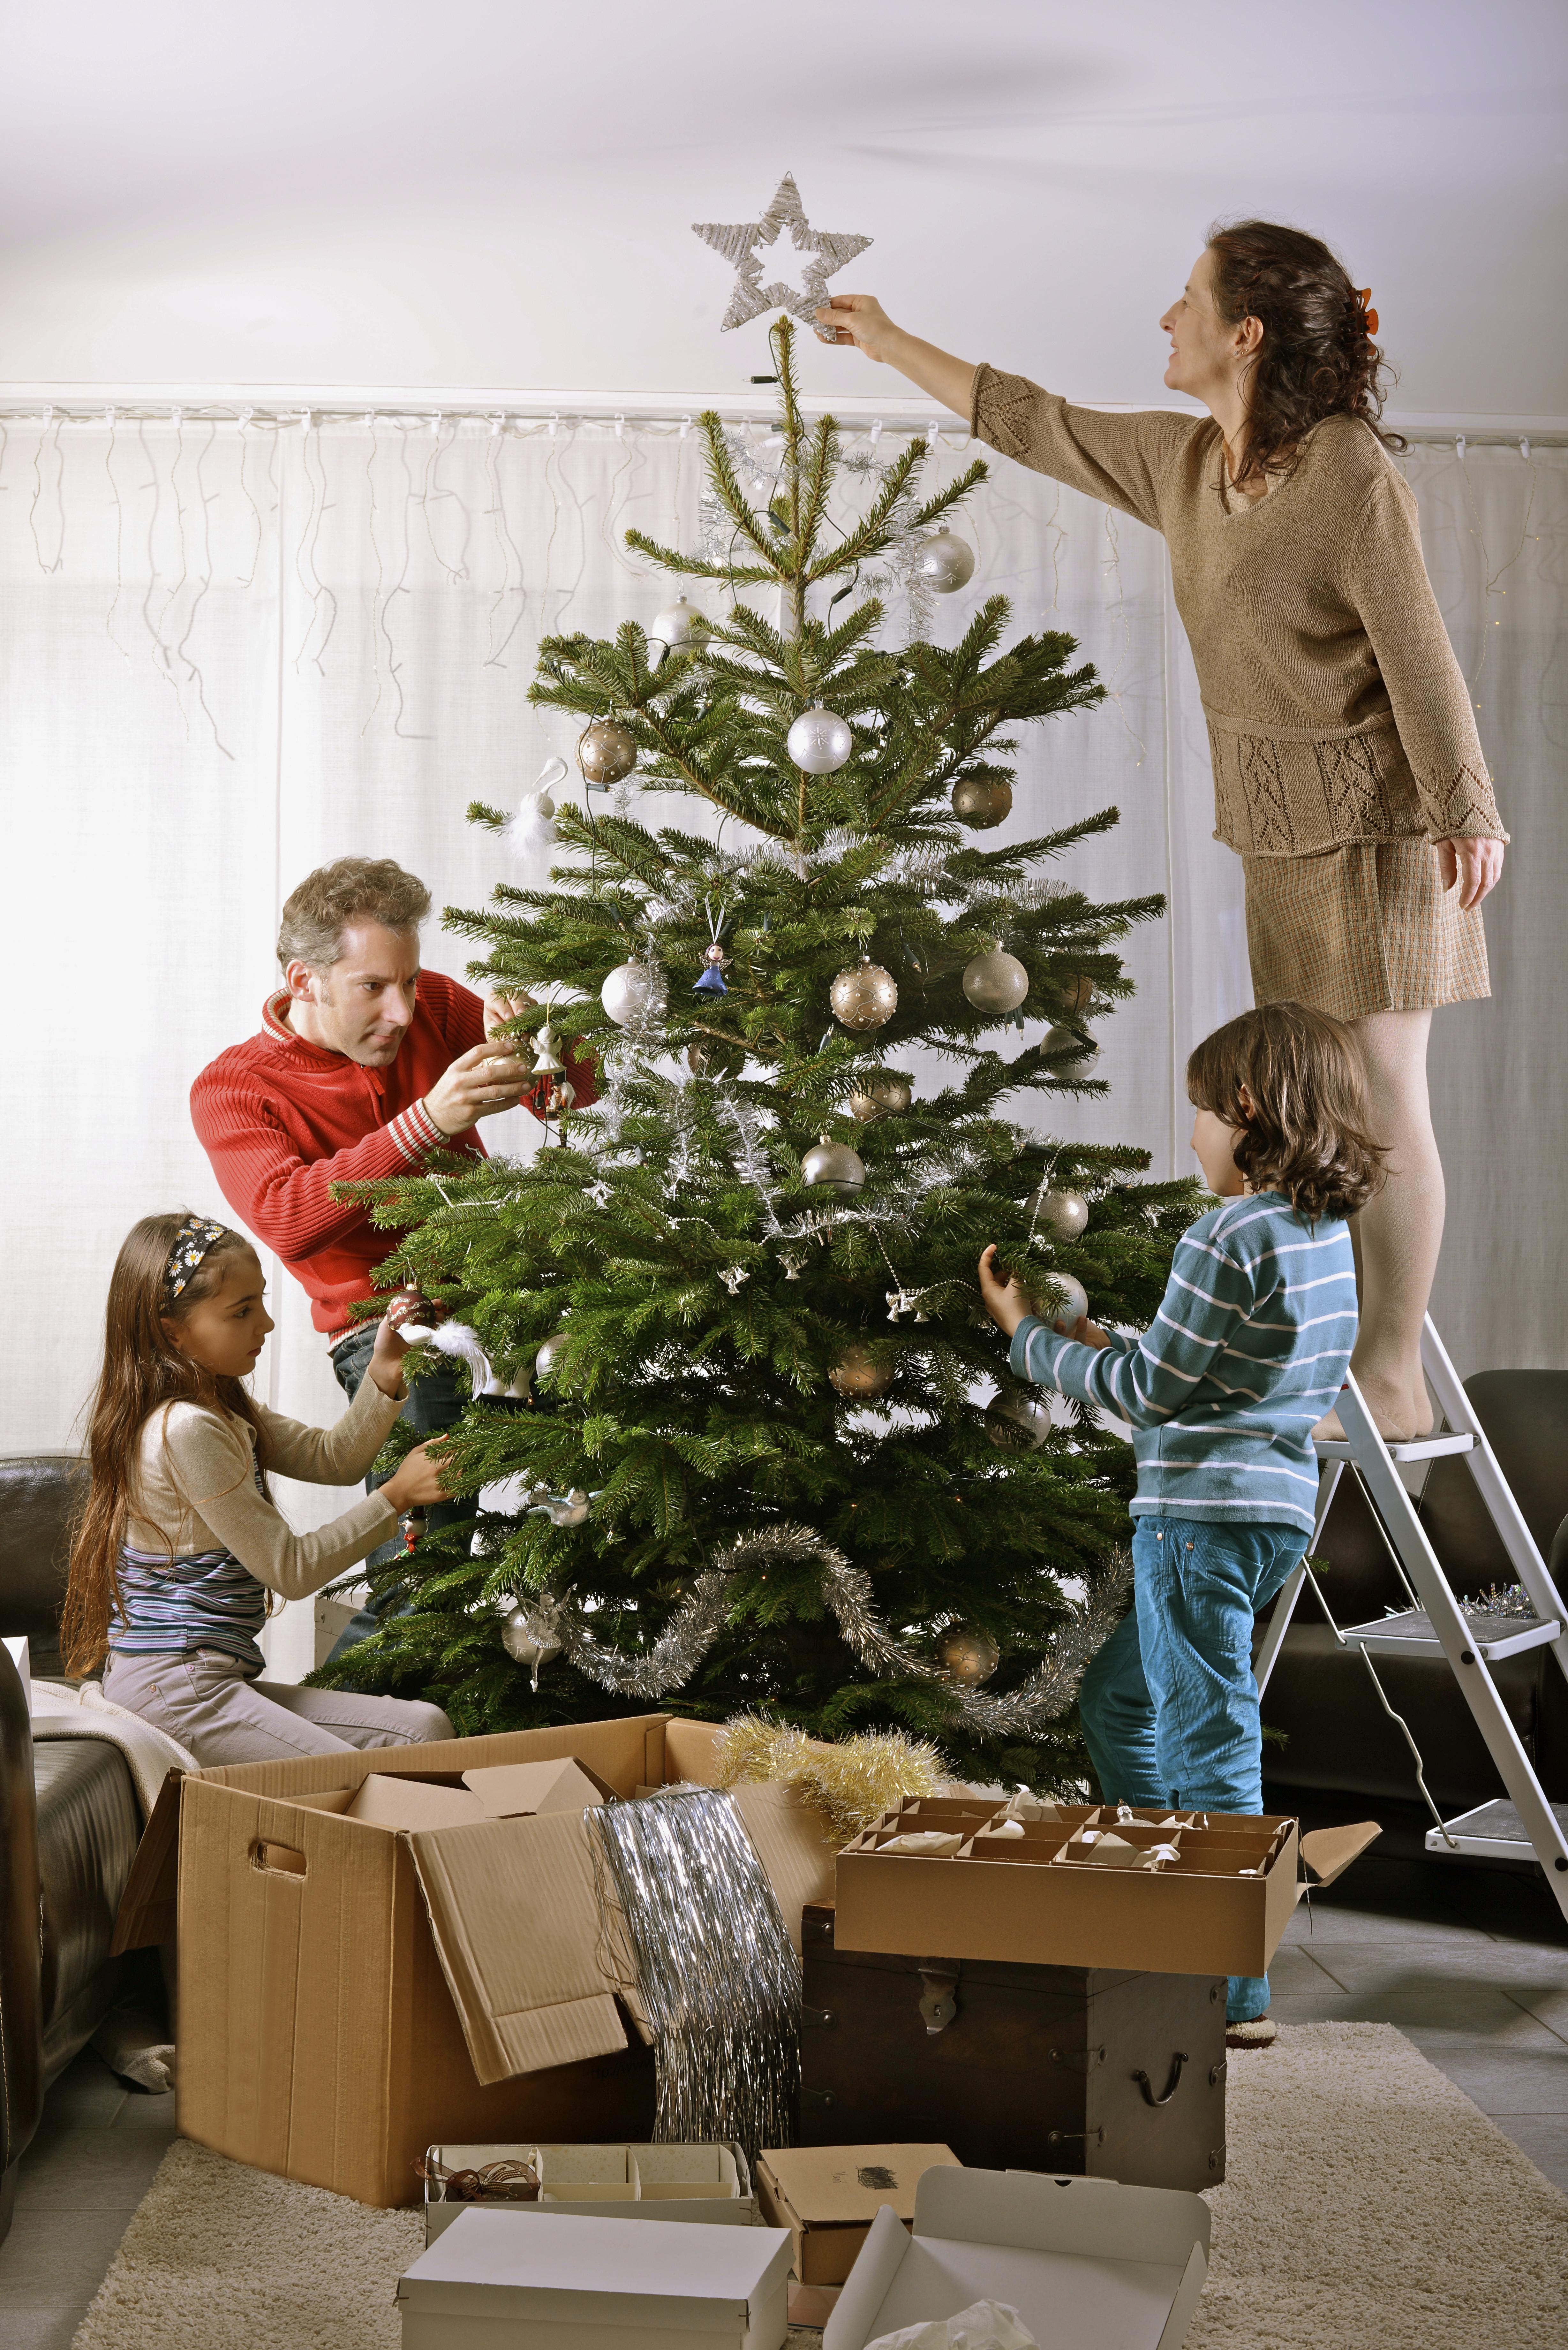 Когда наряжать елку: какого числа ставить дома, когда можно украшать на новый год, в каких числах лучше, за сколько дней до праздника ставить живую ель